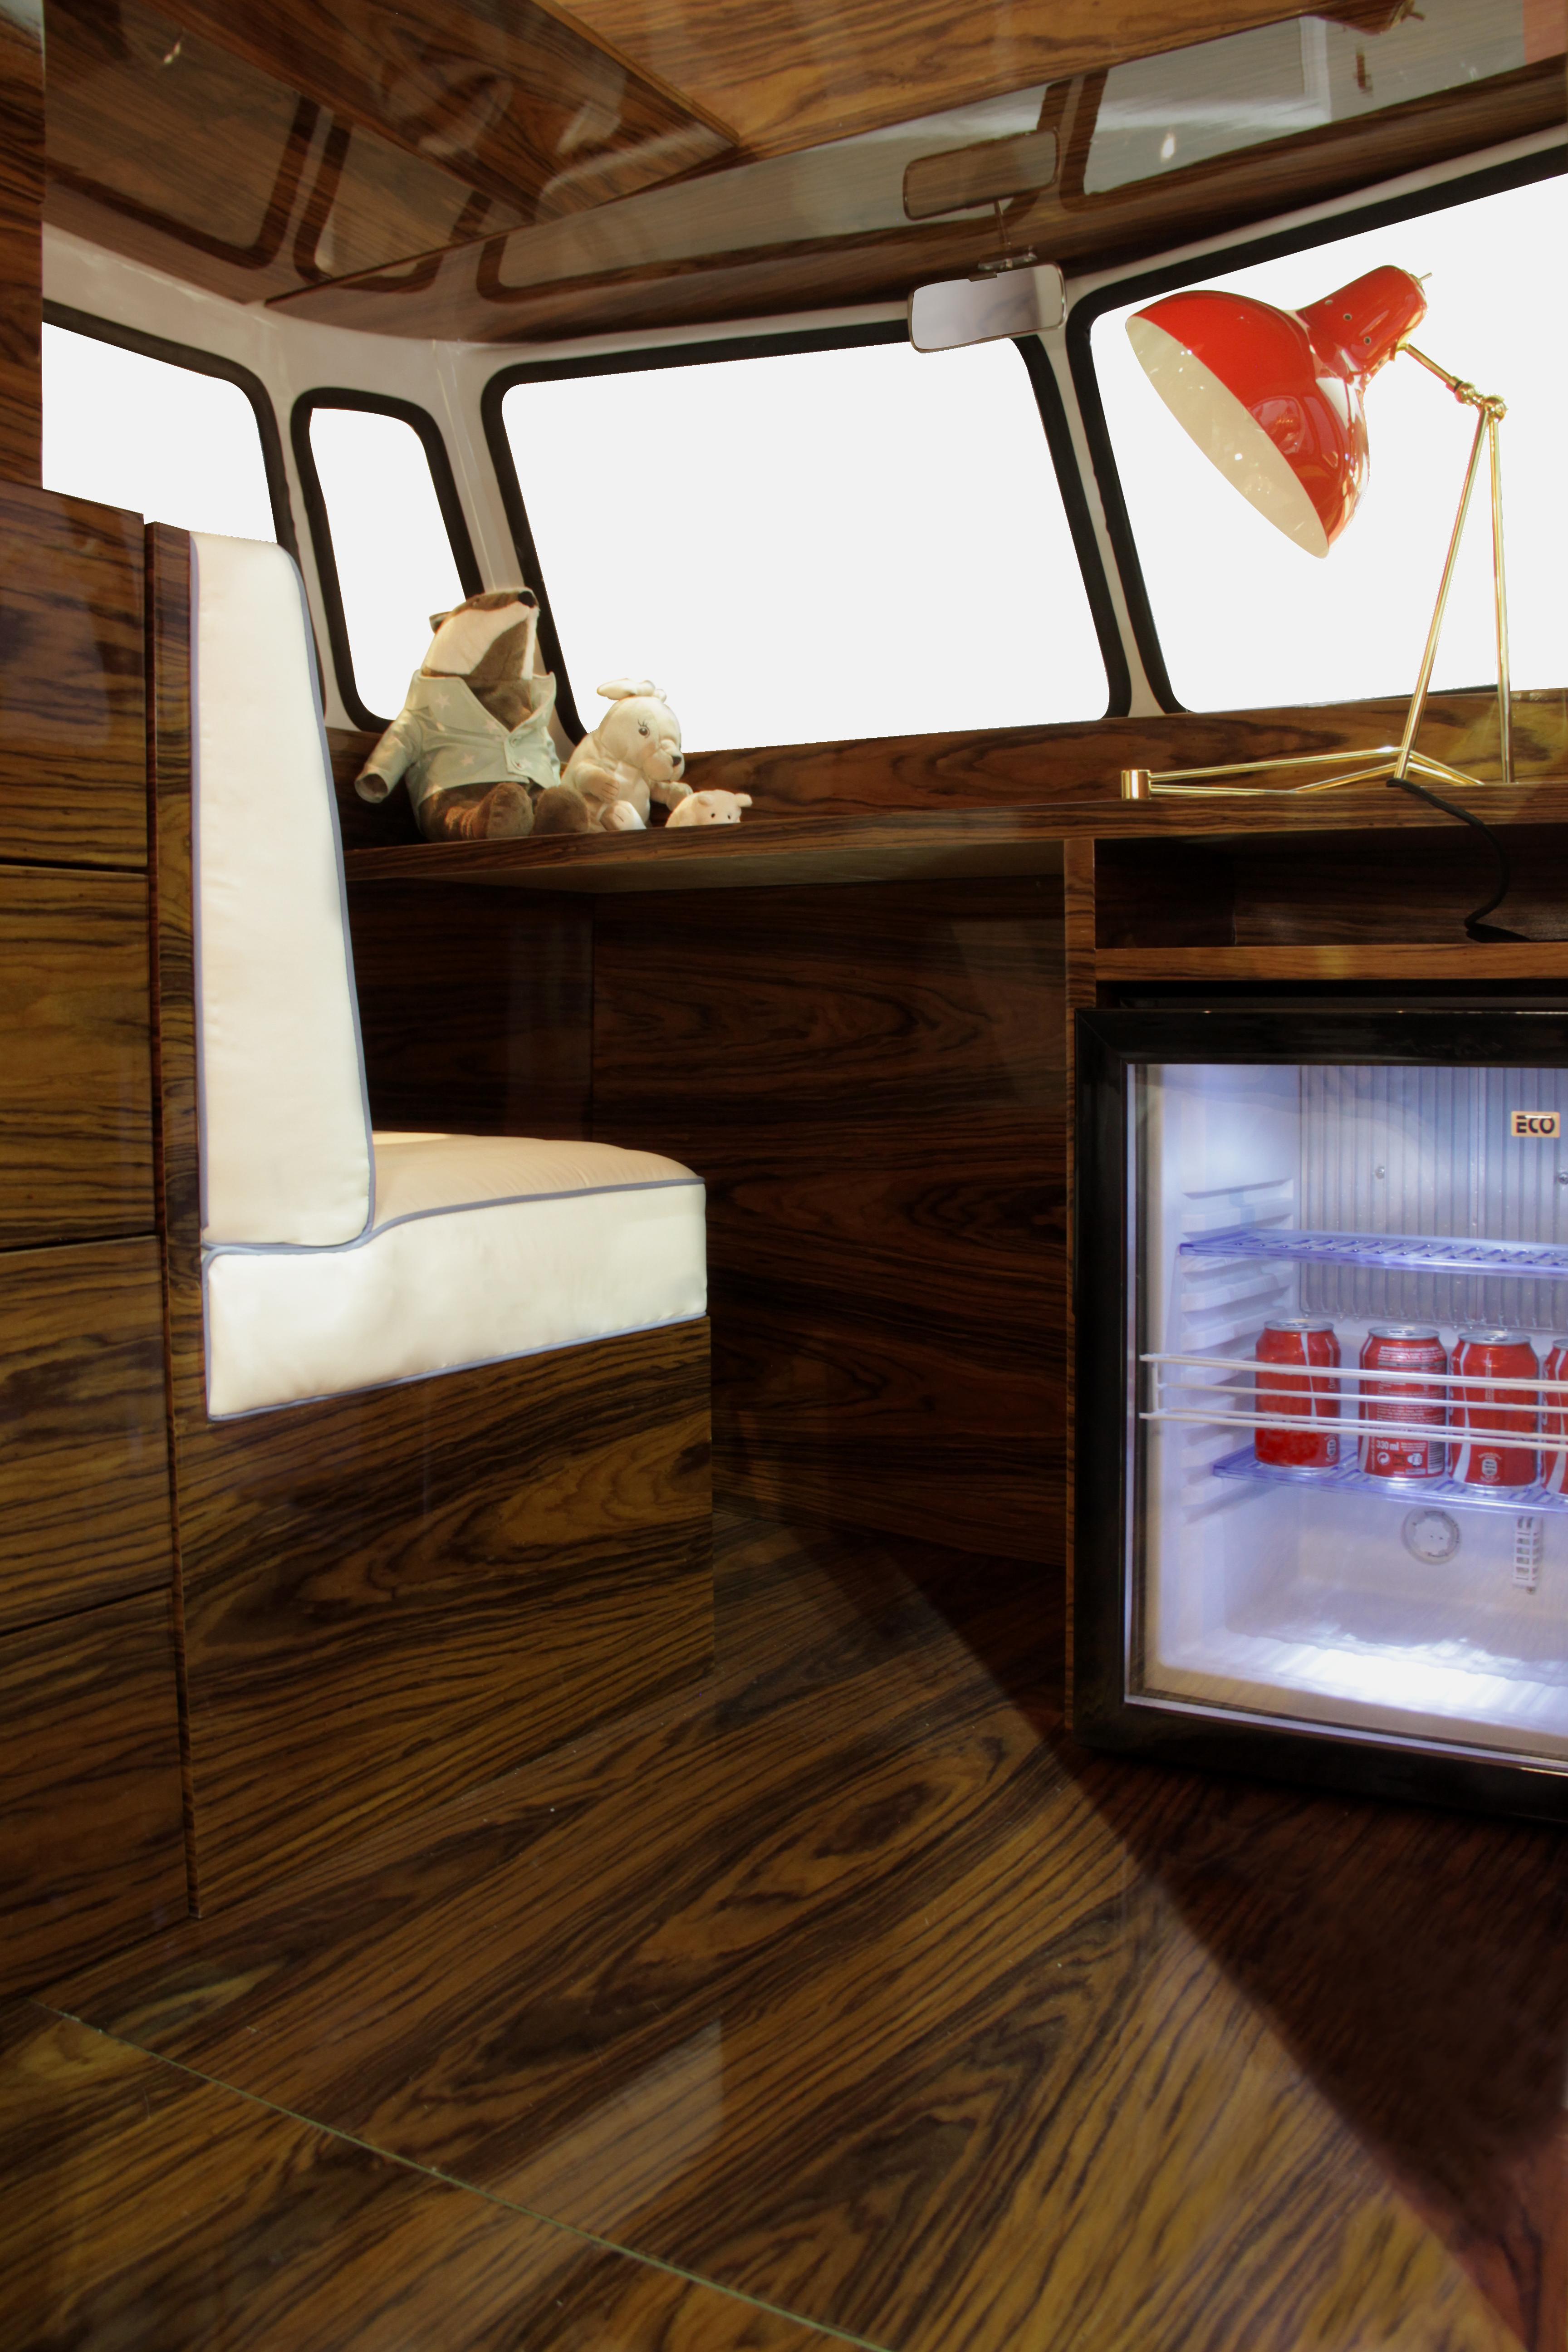 bun-van-bed-13-circu-magical-furniture-jpg